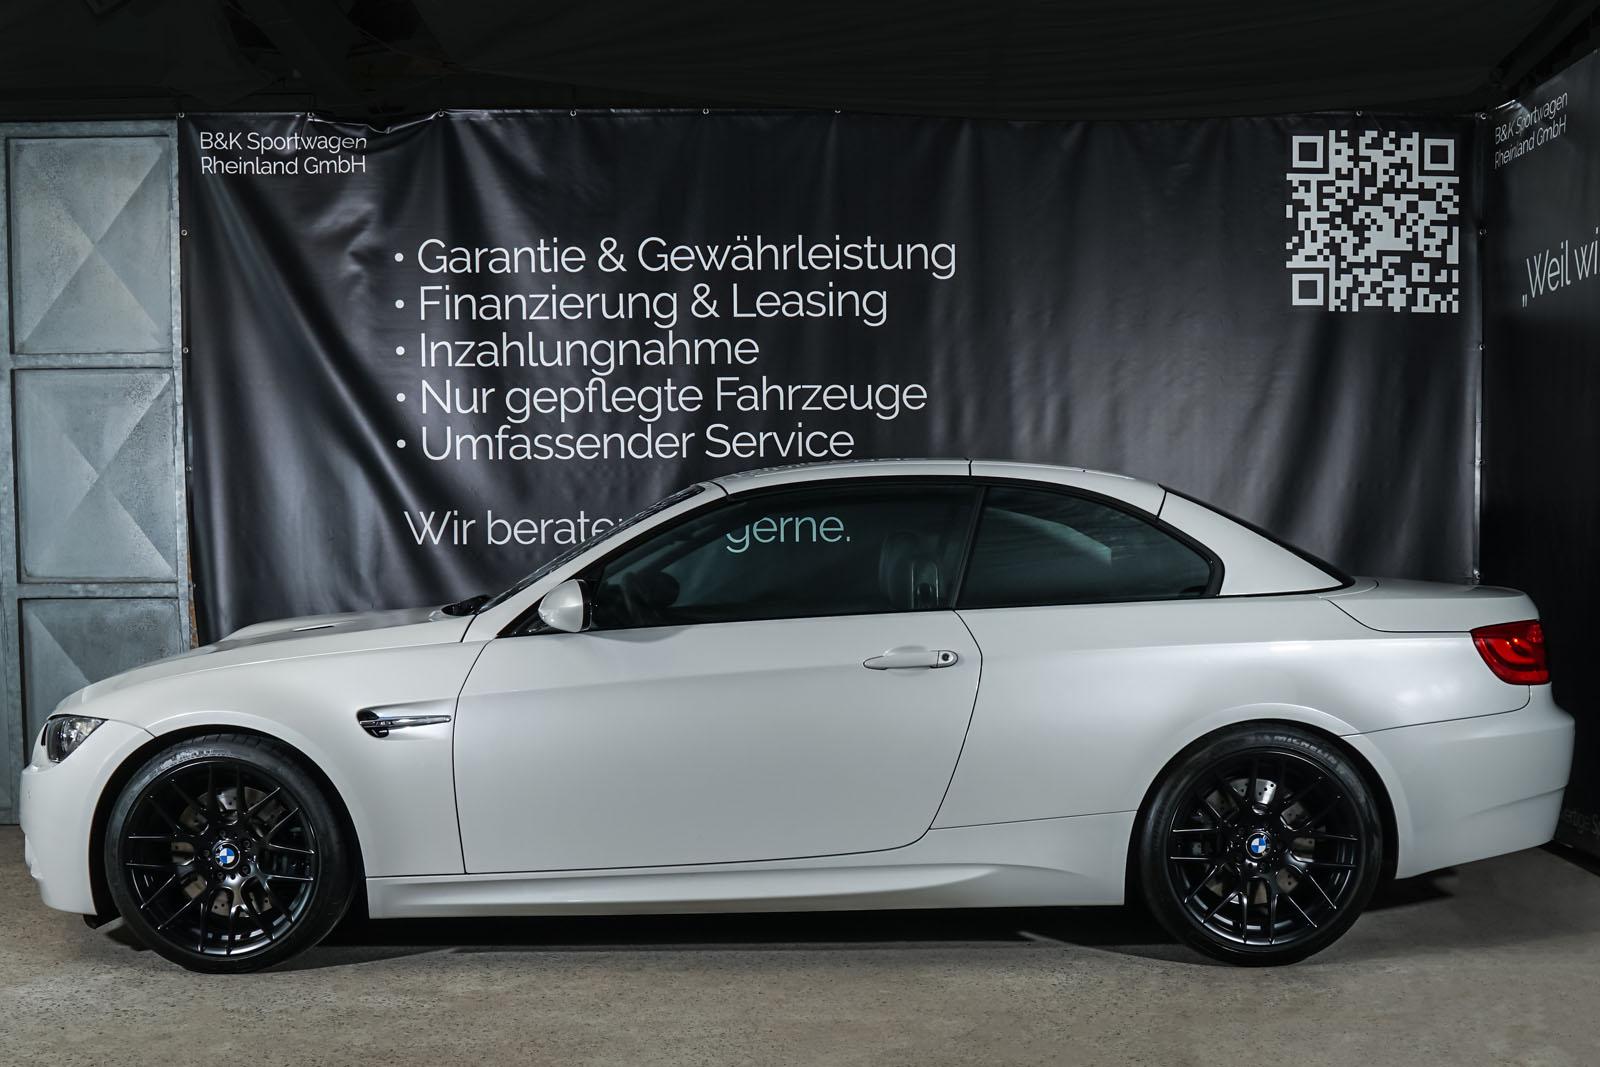 BMW_M3_Cabrio_Weiß_Schwarz_BMW-5973_5_w